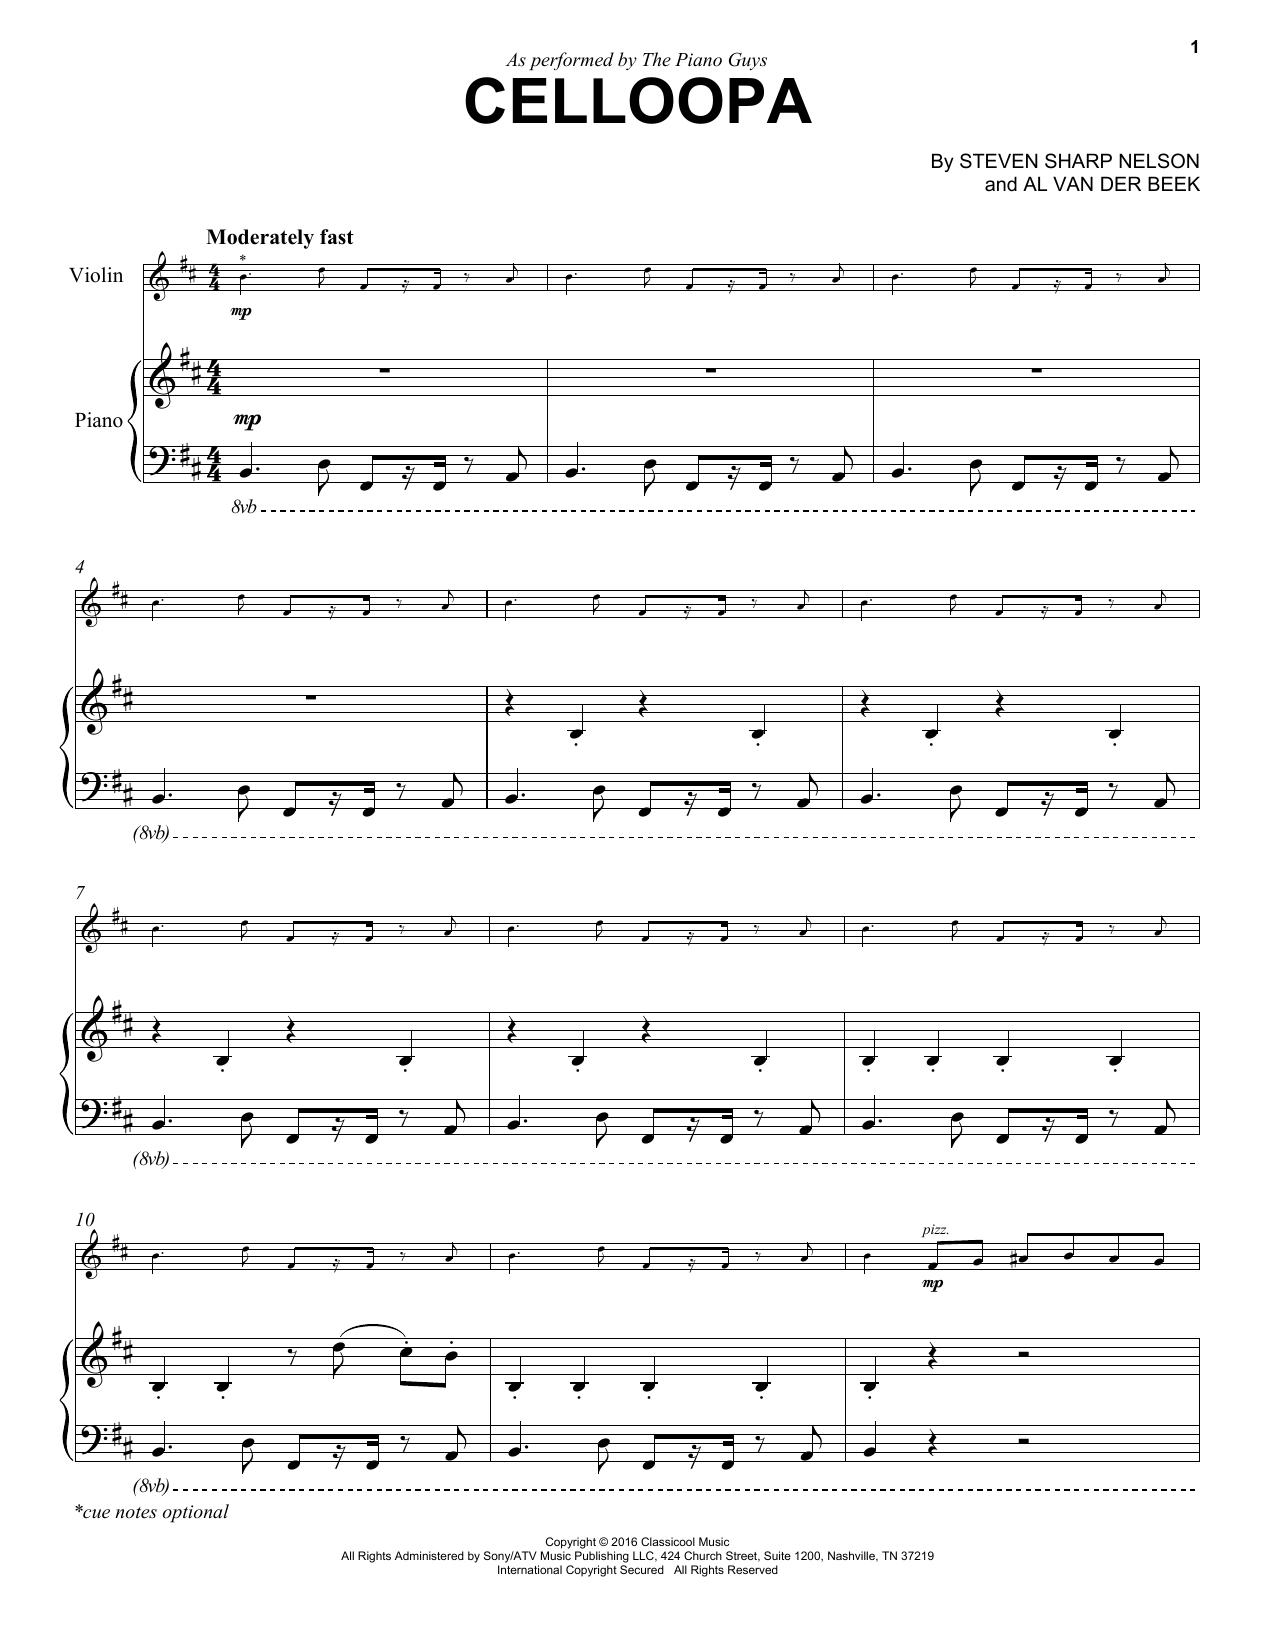 Celloopa (Violin and Piano)